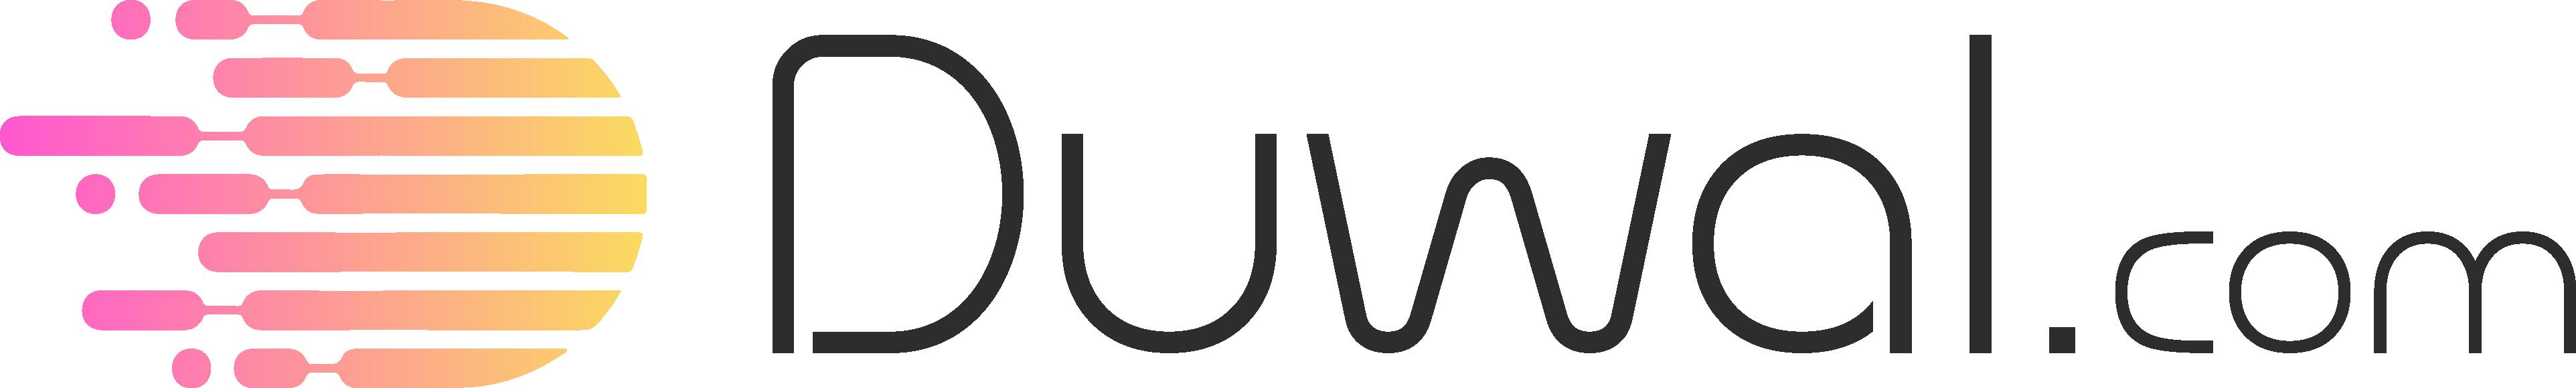 Duwal.com